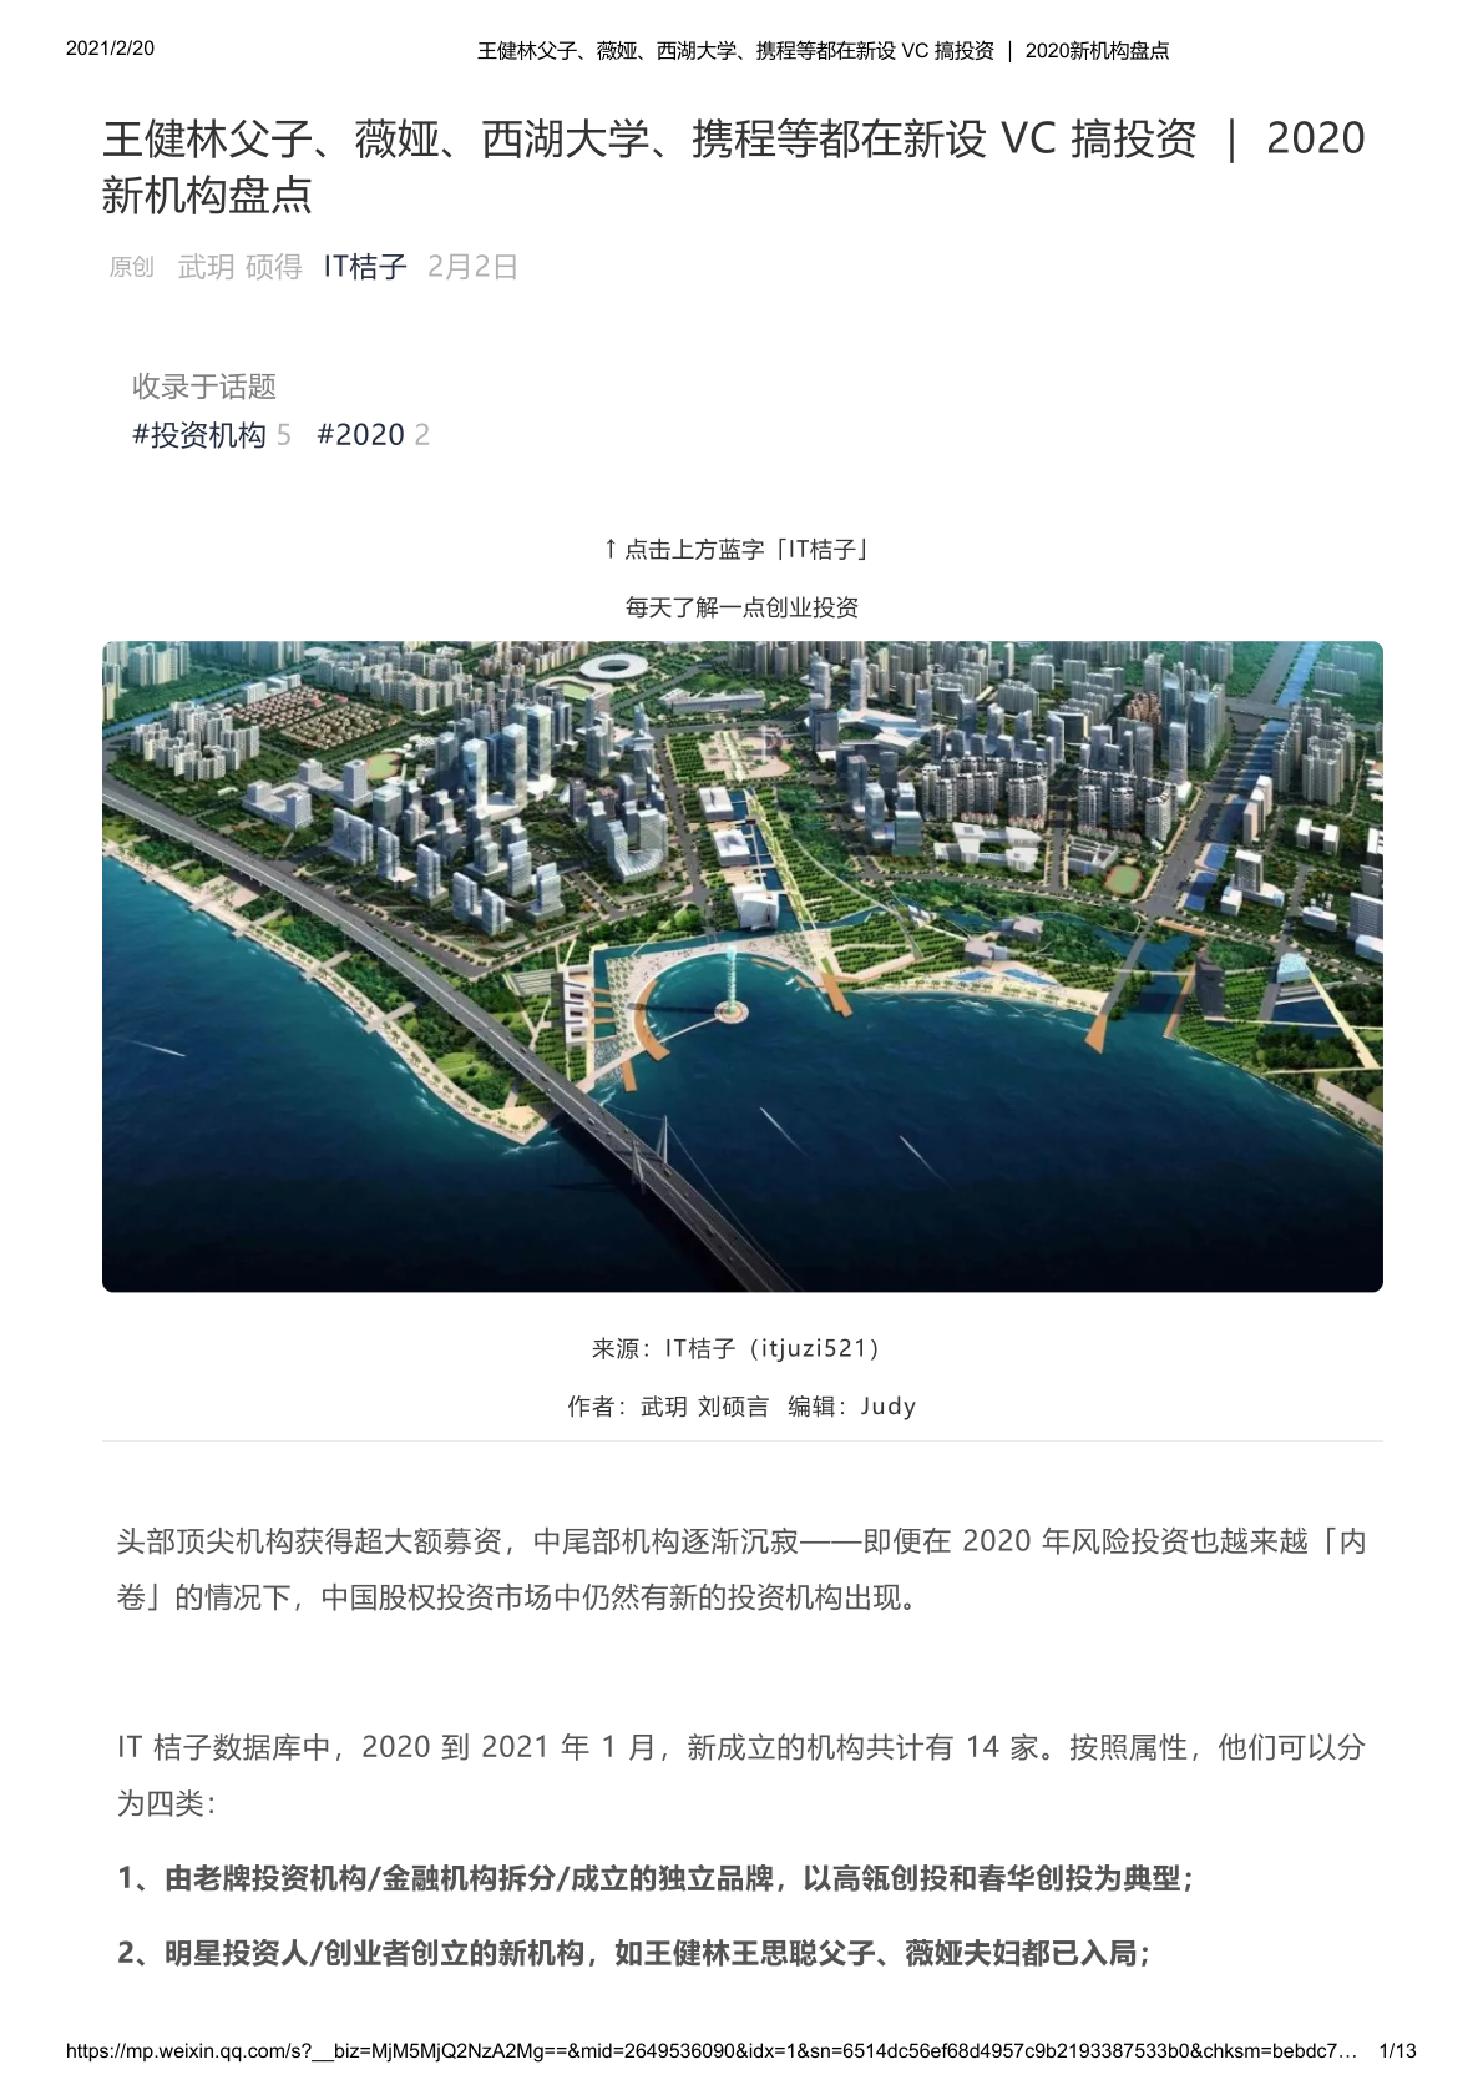 王健林父子、薇娅、西湖大学、携程等都在新设 VC 搞投资 2020新机构盘点